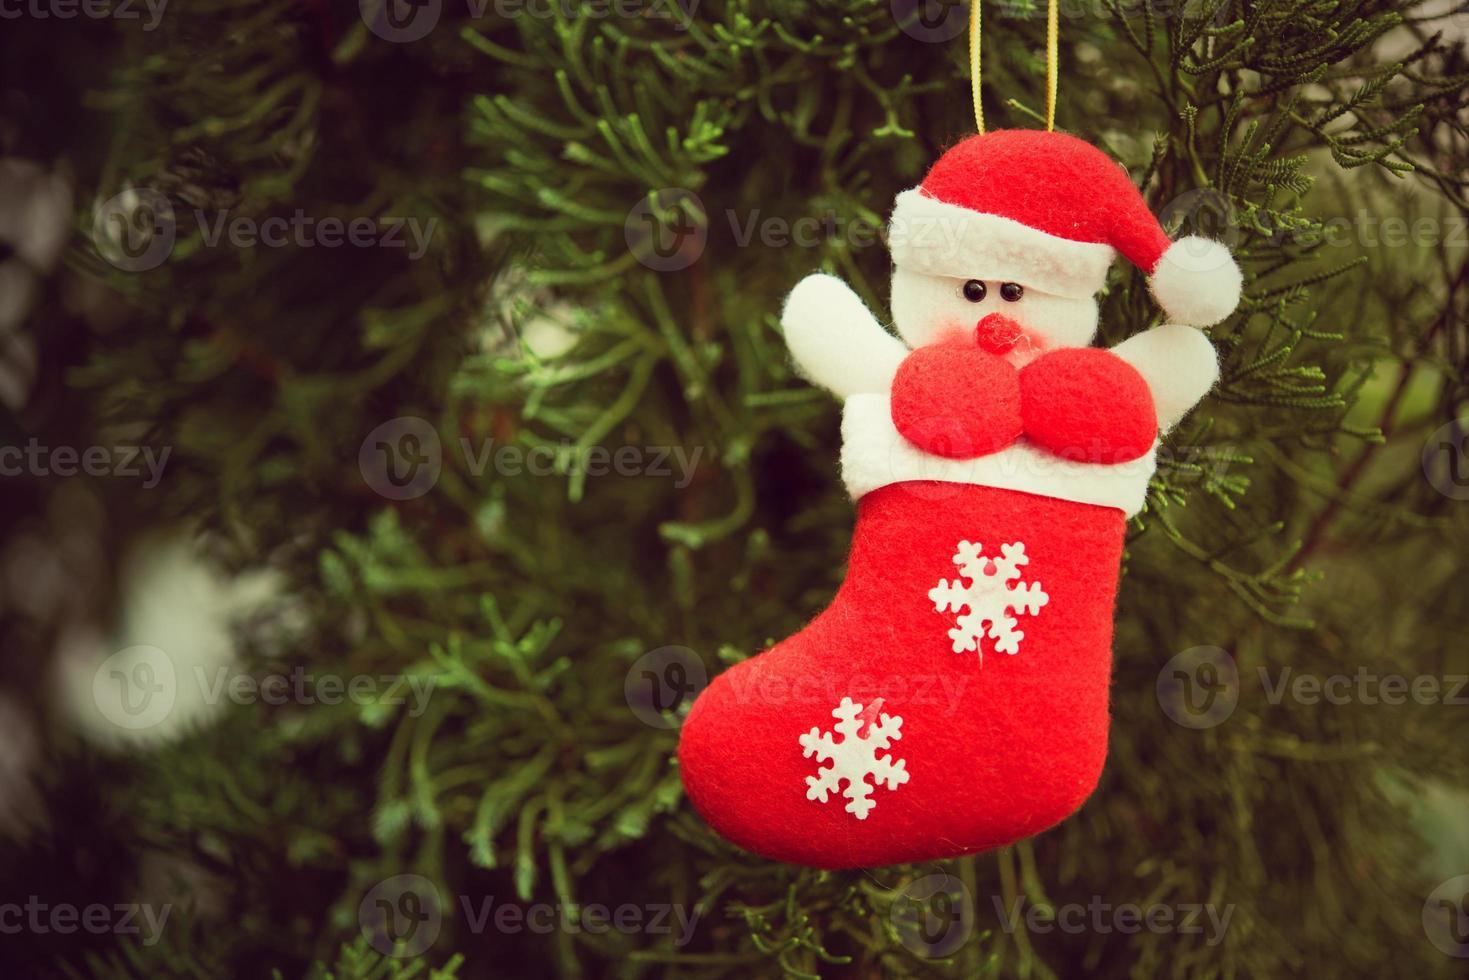 Kerstsokken sieren kerstbomen en andere versieringen. foto